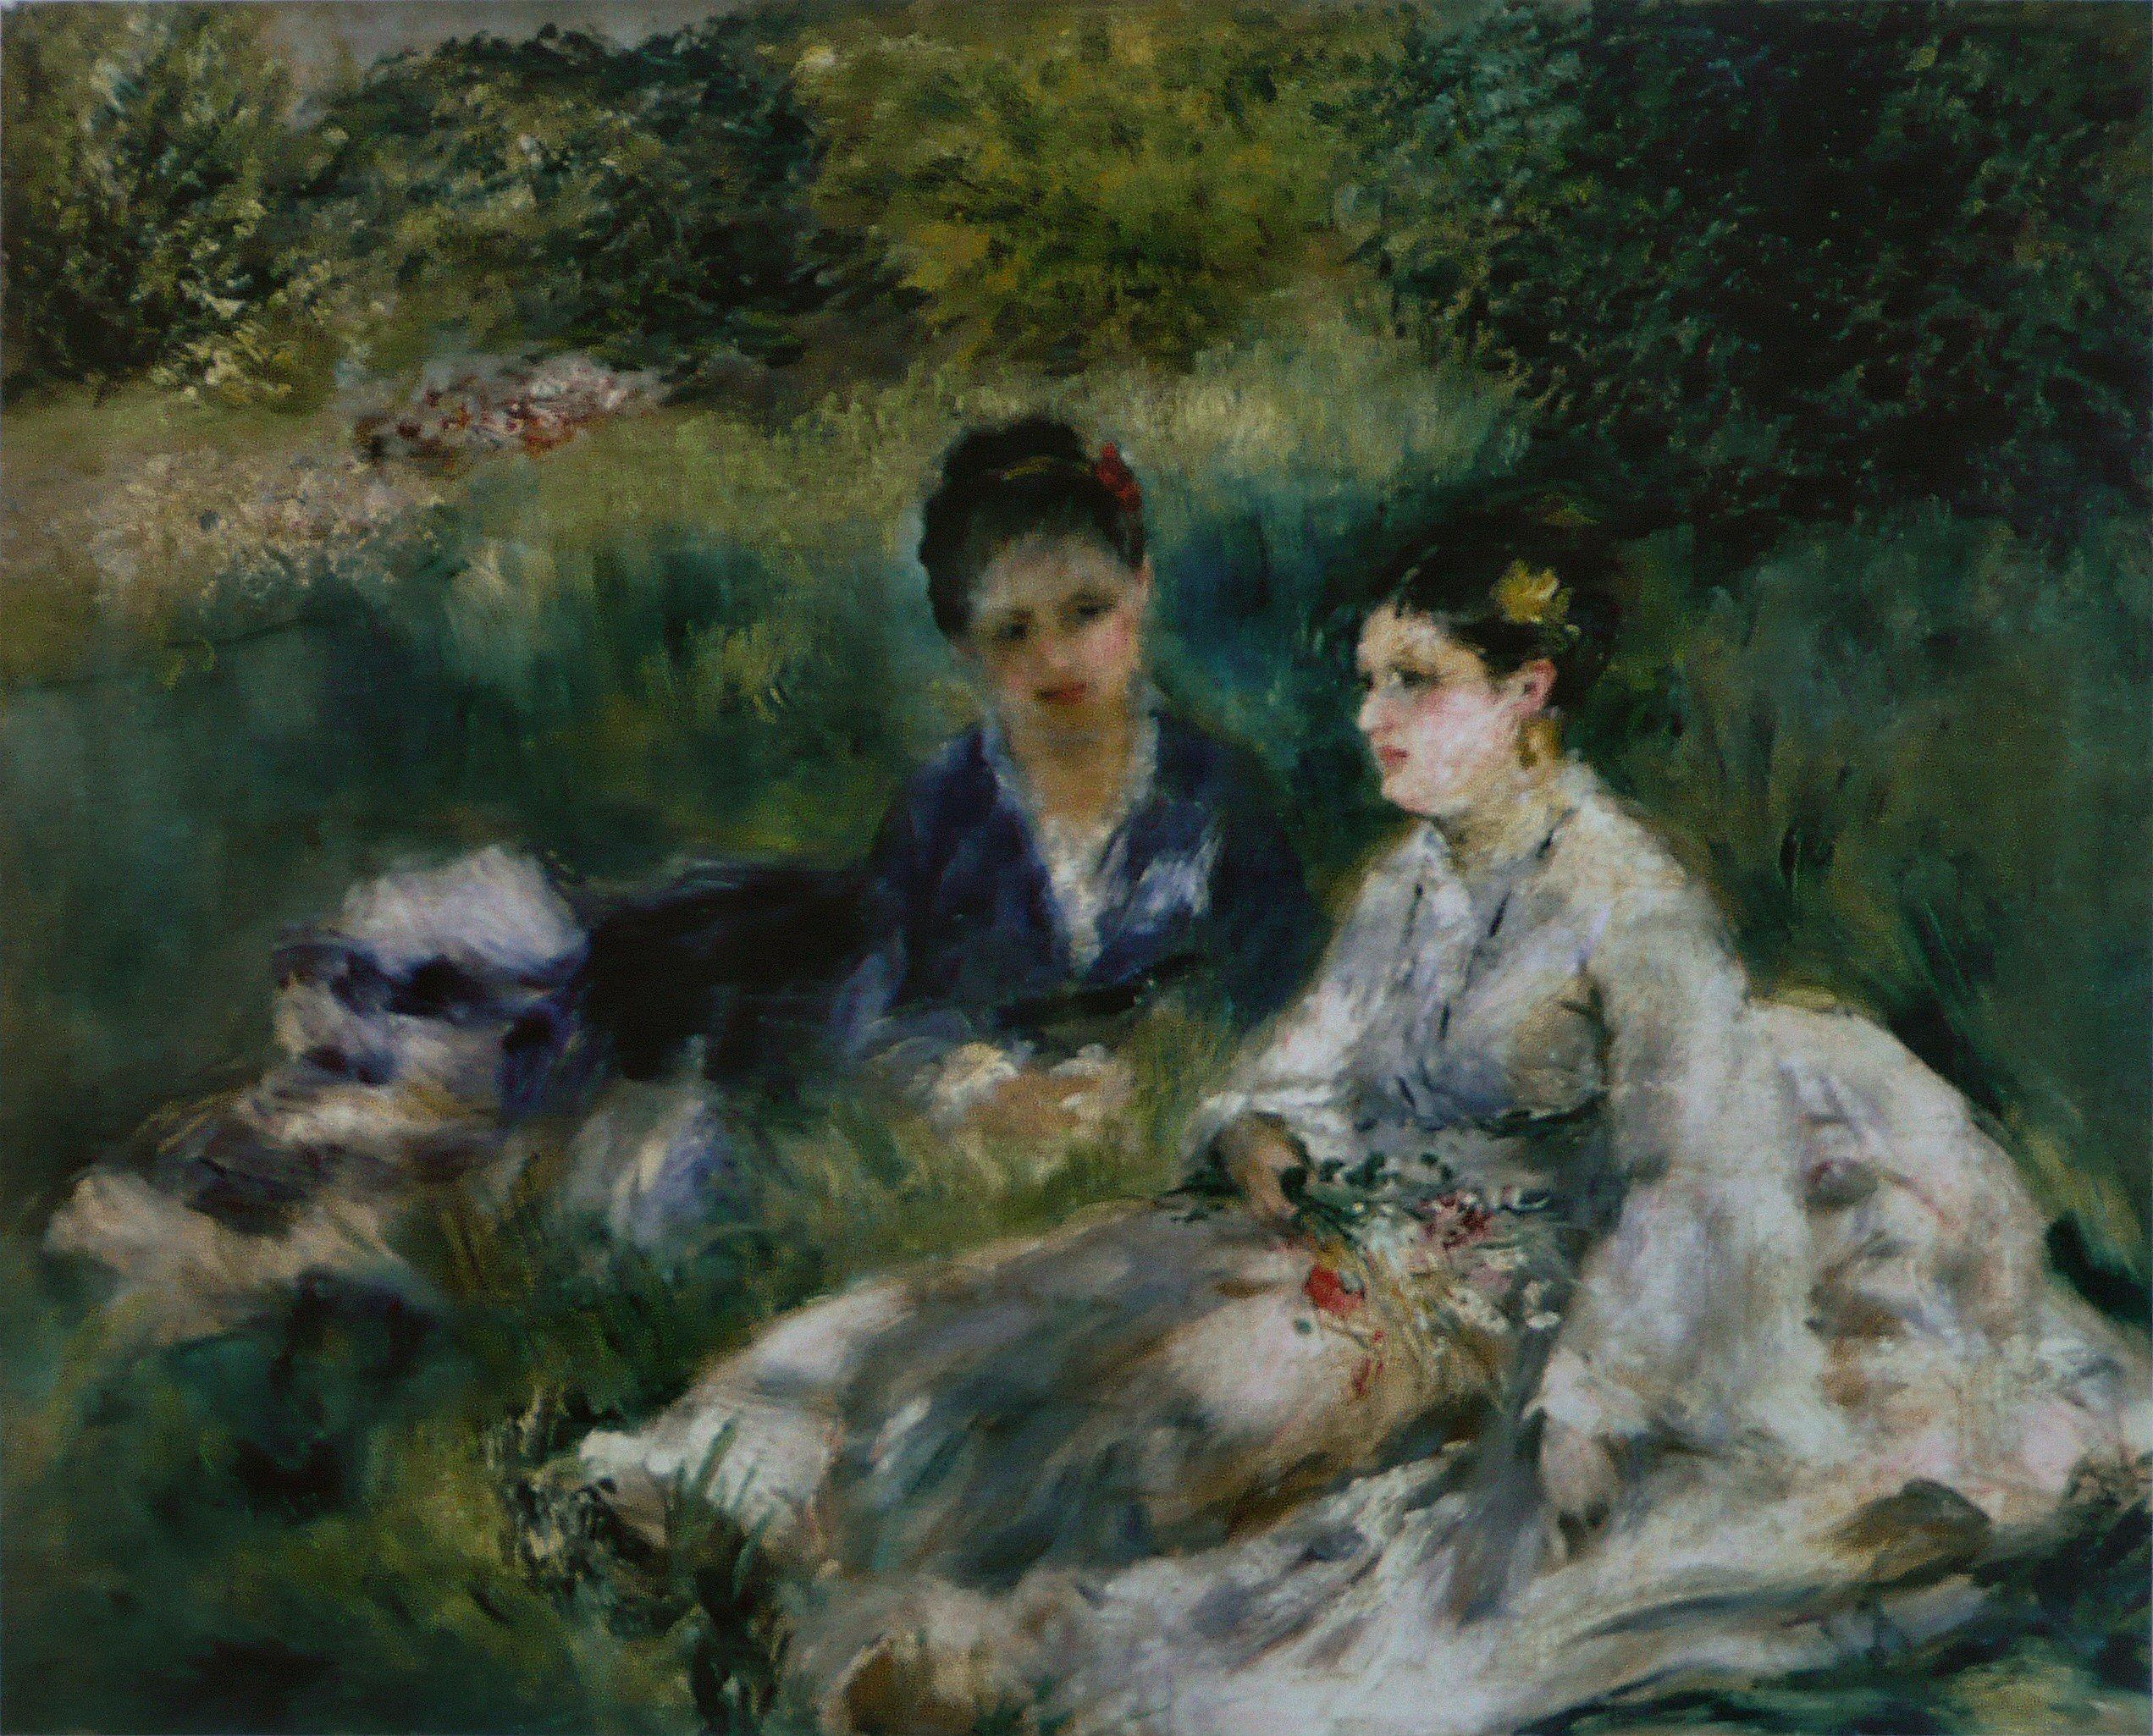 La  FEMME  dans  l' ART - Page 3 Pierre-Auguste_Renoir_-_Deux_femmes_dans_l%27herbe